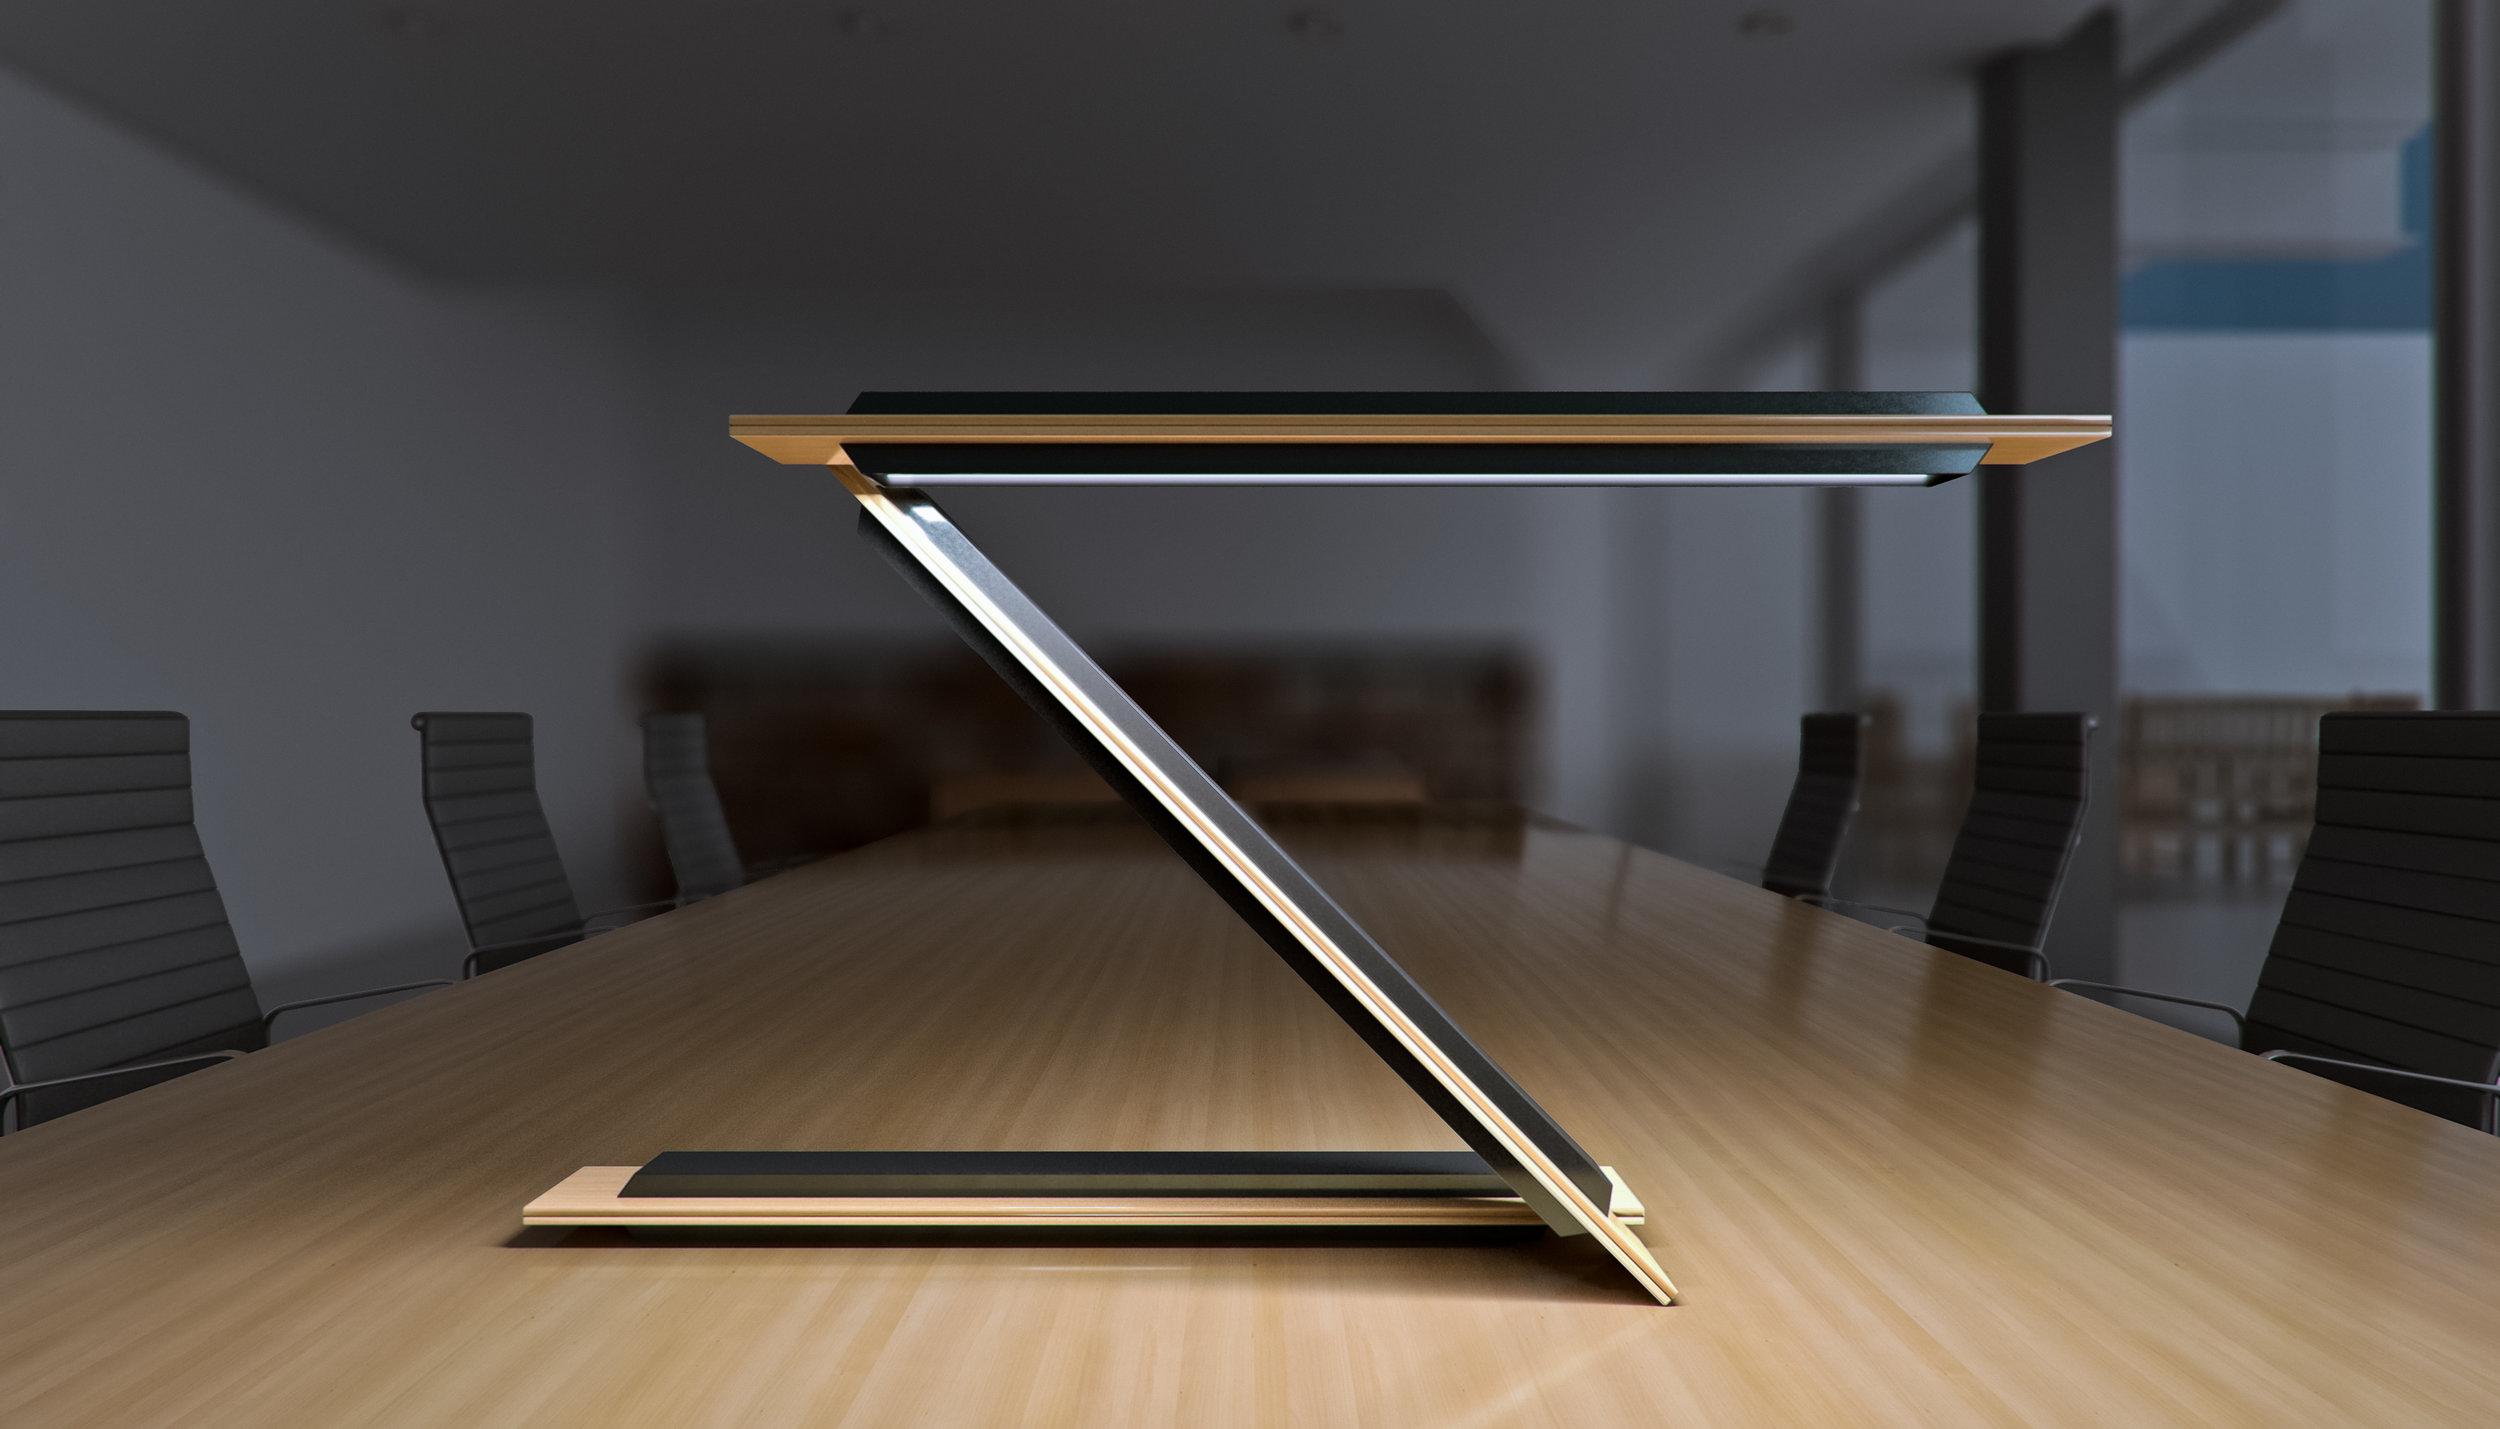 lamp Z on table.jpg